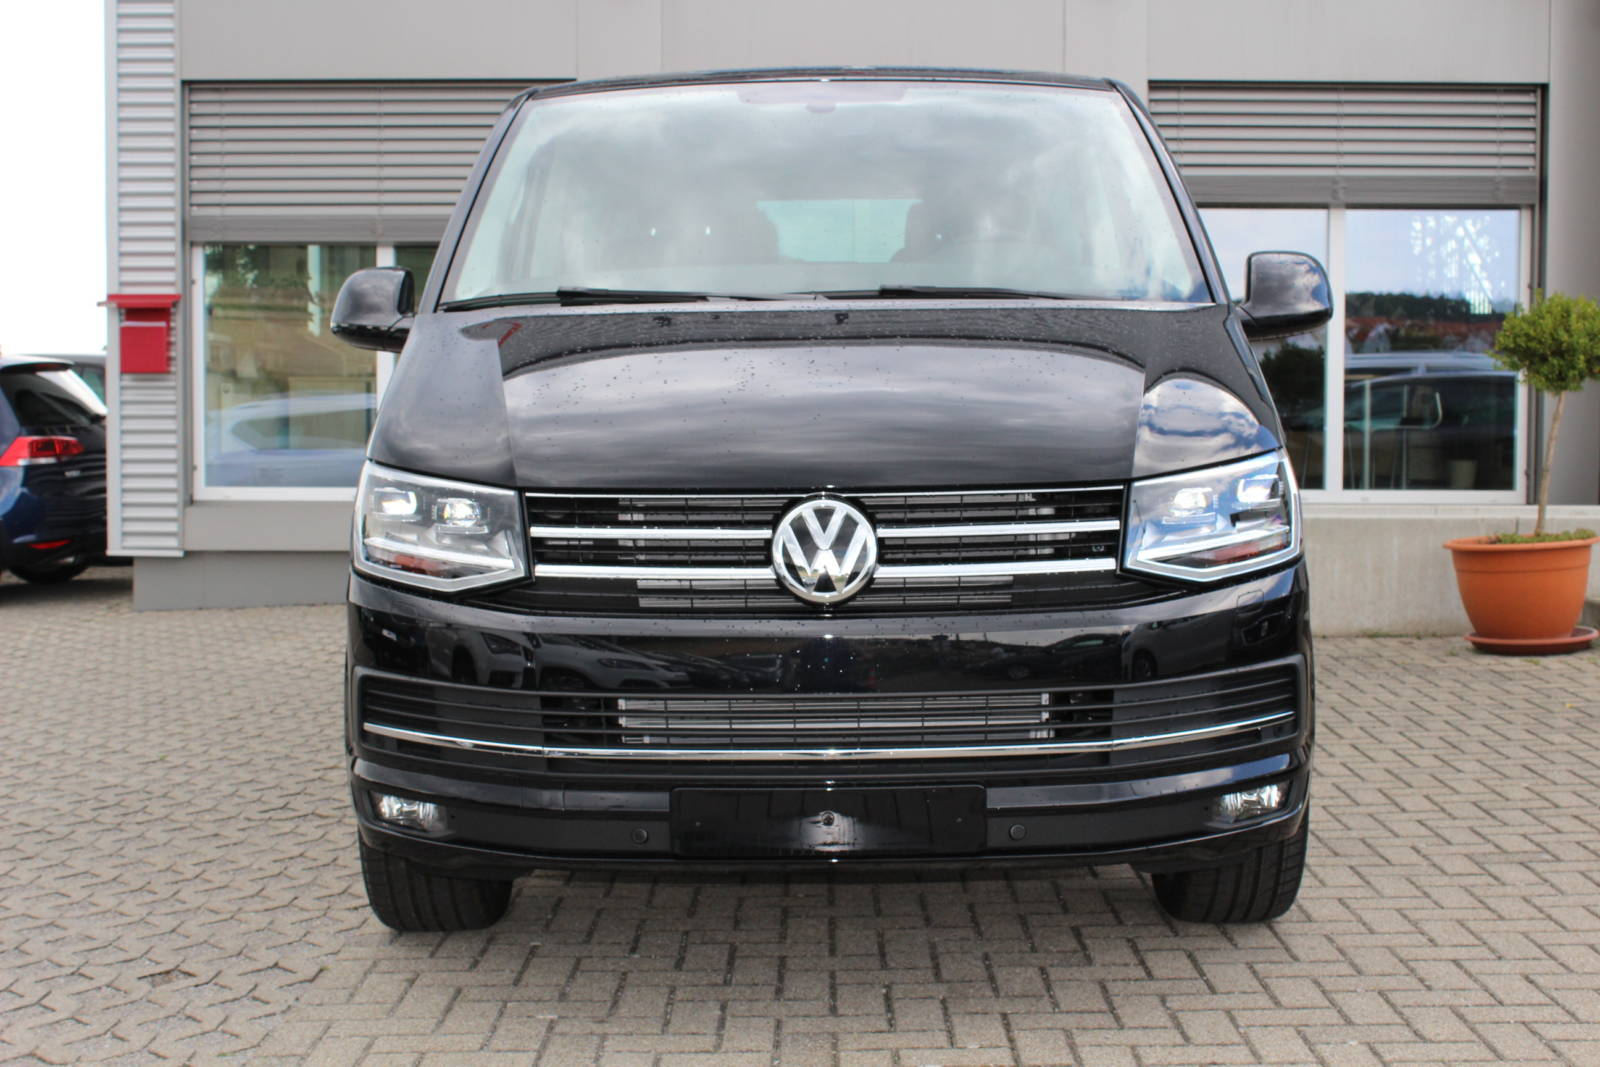 VW T6 Multivan Highline 2.0 TDI DSG / Deutsche Neufahrzeuge und EU-Neufahrzeuge – Aha! Fahrzeughandel GmbH in Althengstett